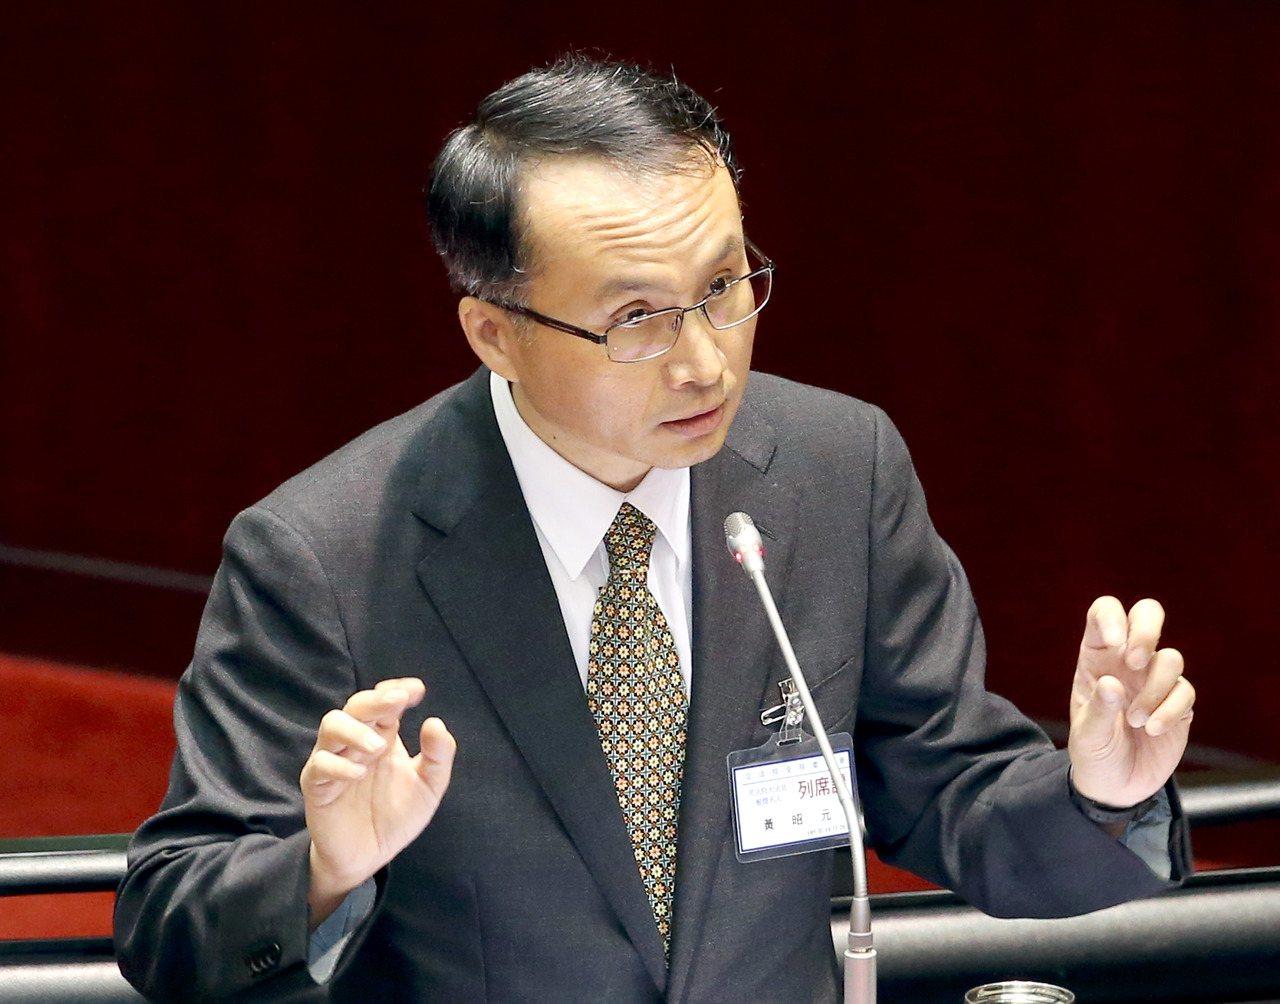 大法官被提名人黃昭元。記者屠惠剛/攝影